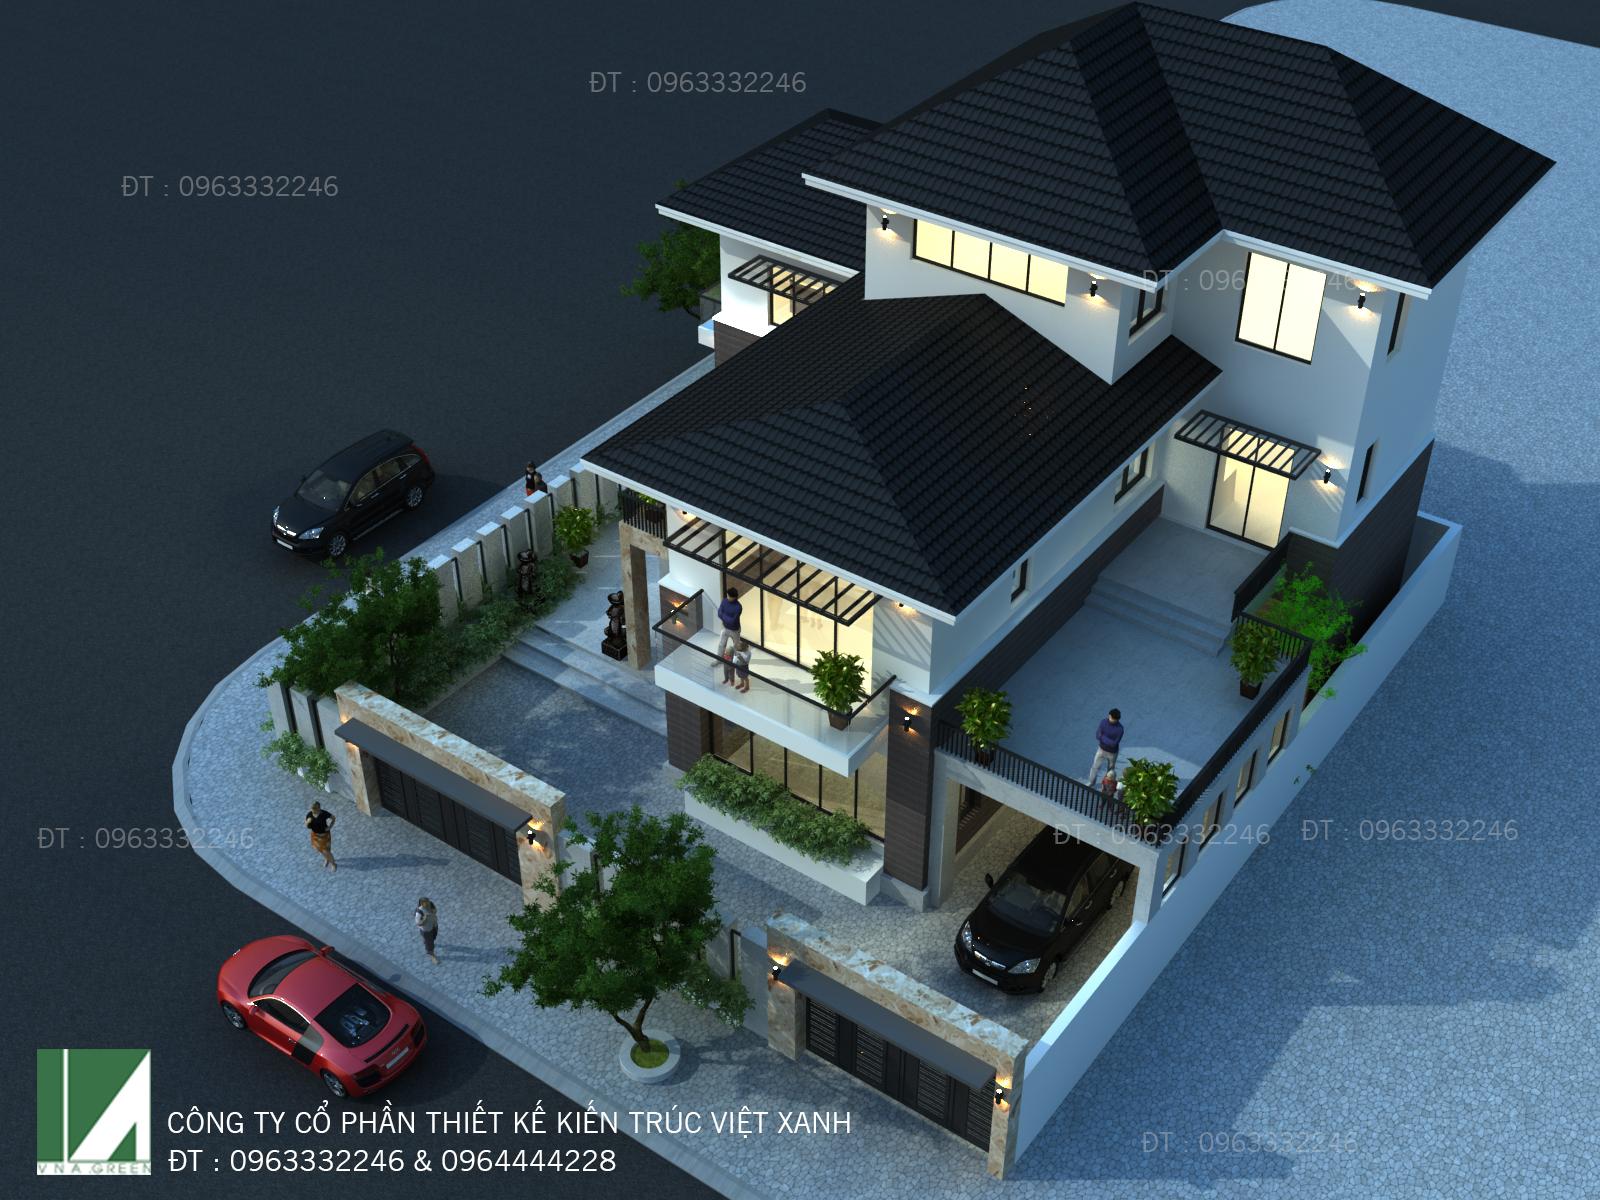 Mẫu thiết kế biệt thự 3 tầng hiện đại - kiến trúc việt xanh